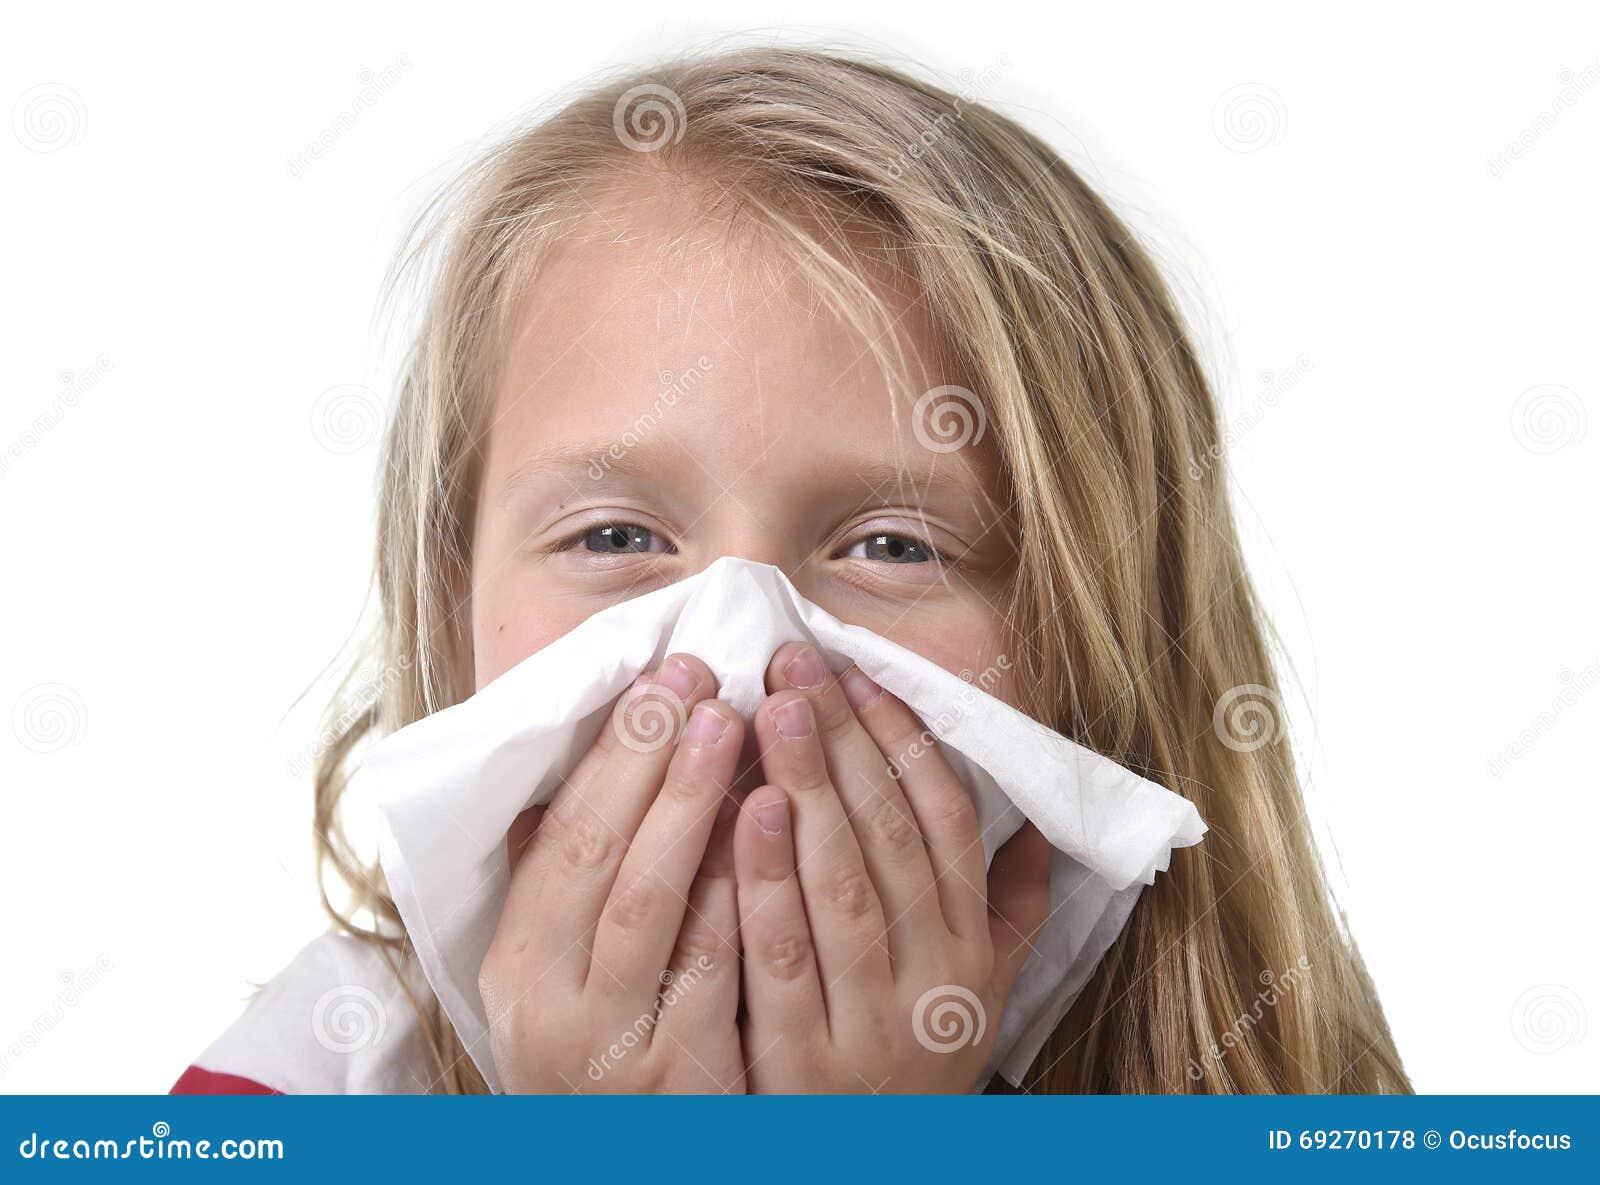 吹她的与纸组织的甜和逗人喜爱的金发小女孩鼻子有一个冷的感觉病残